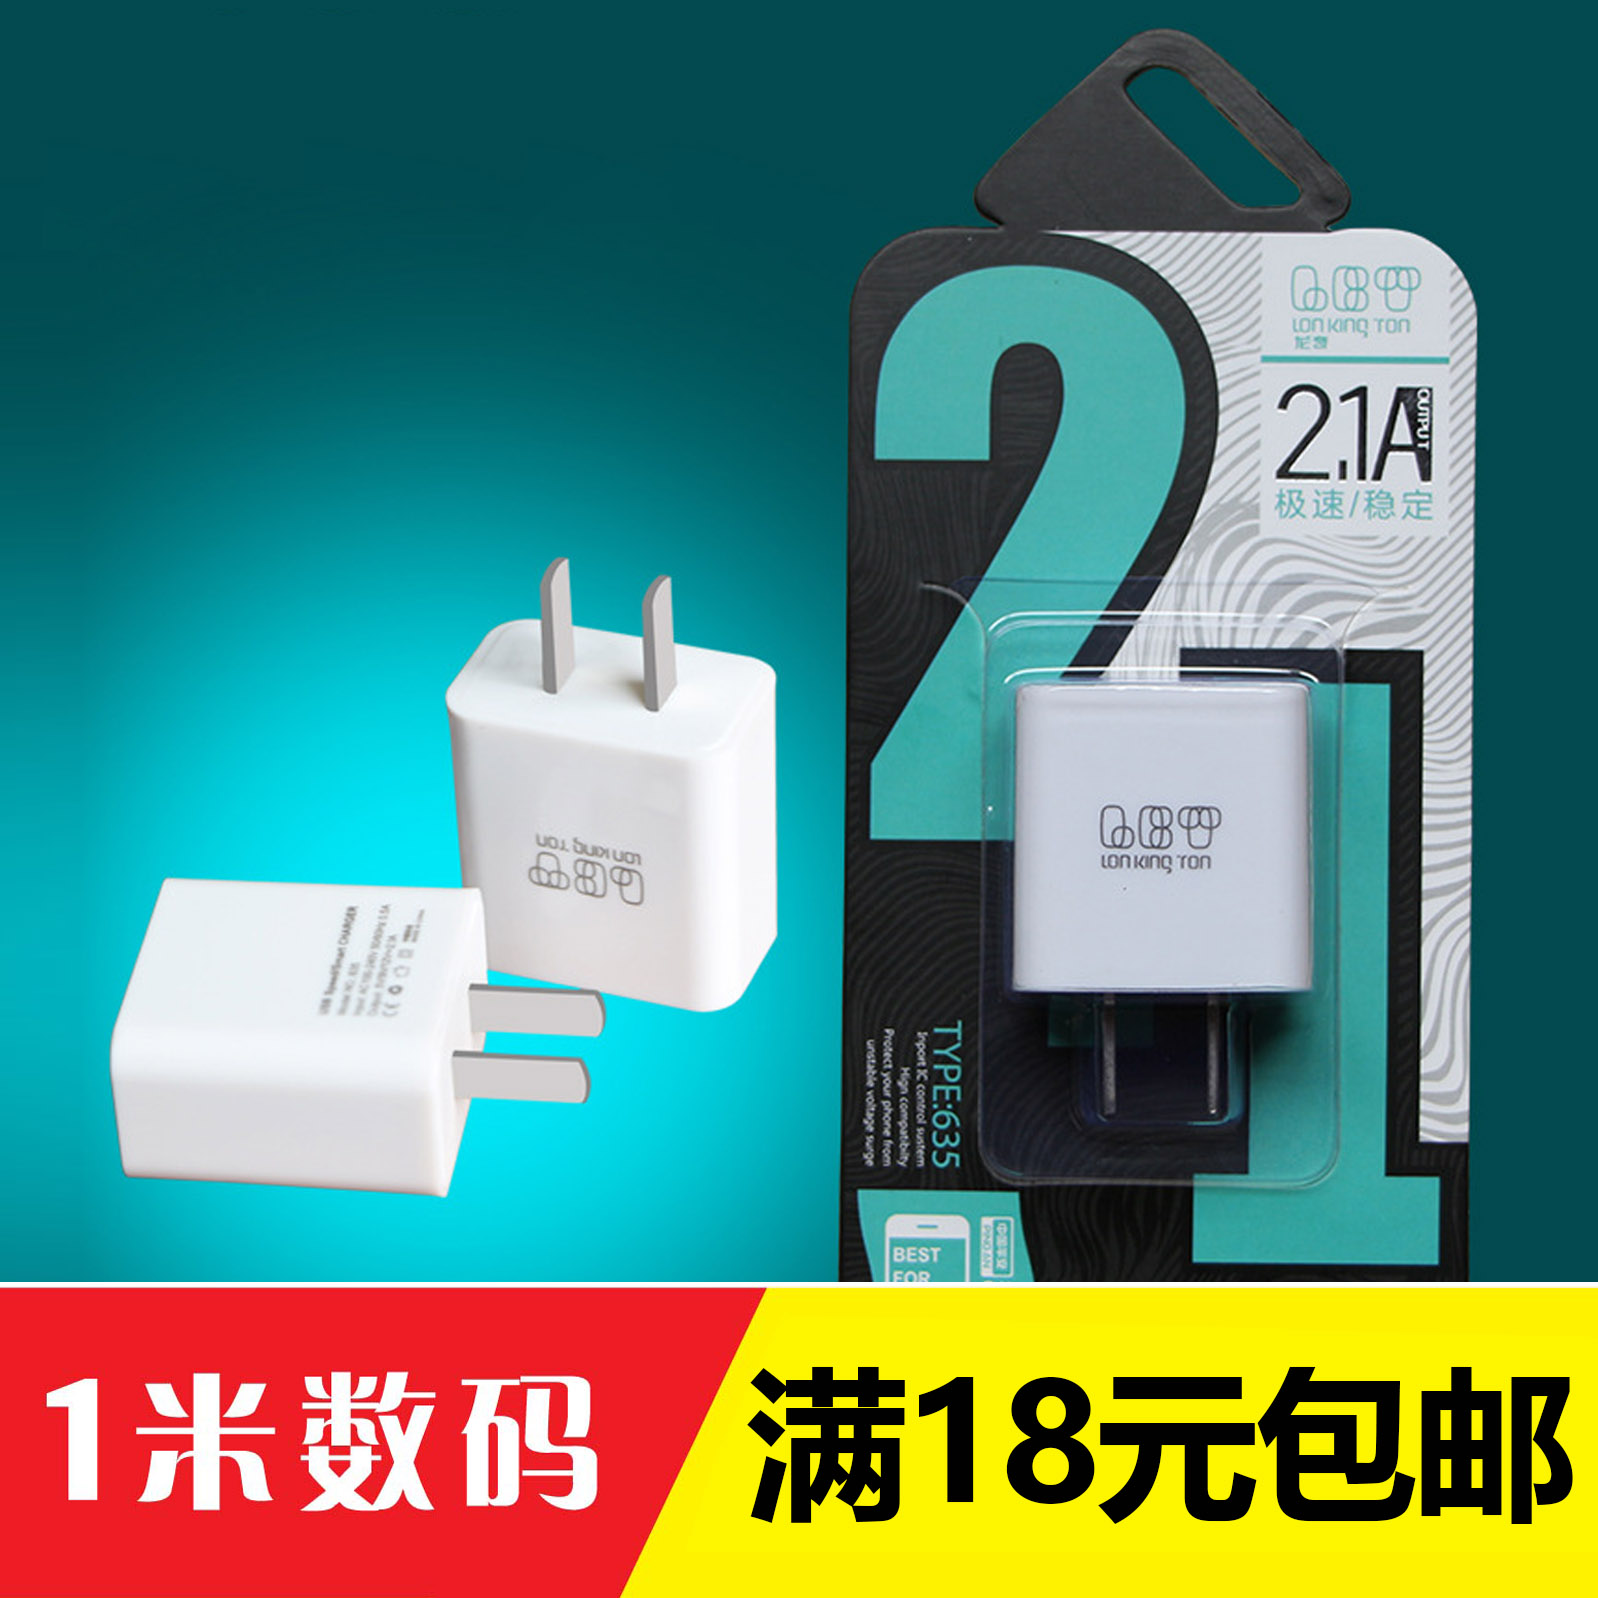 手机充电器头 苹果6s三星2A快充华为小米oppo安卓手机通用器 批发